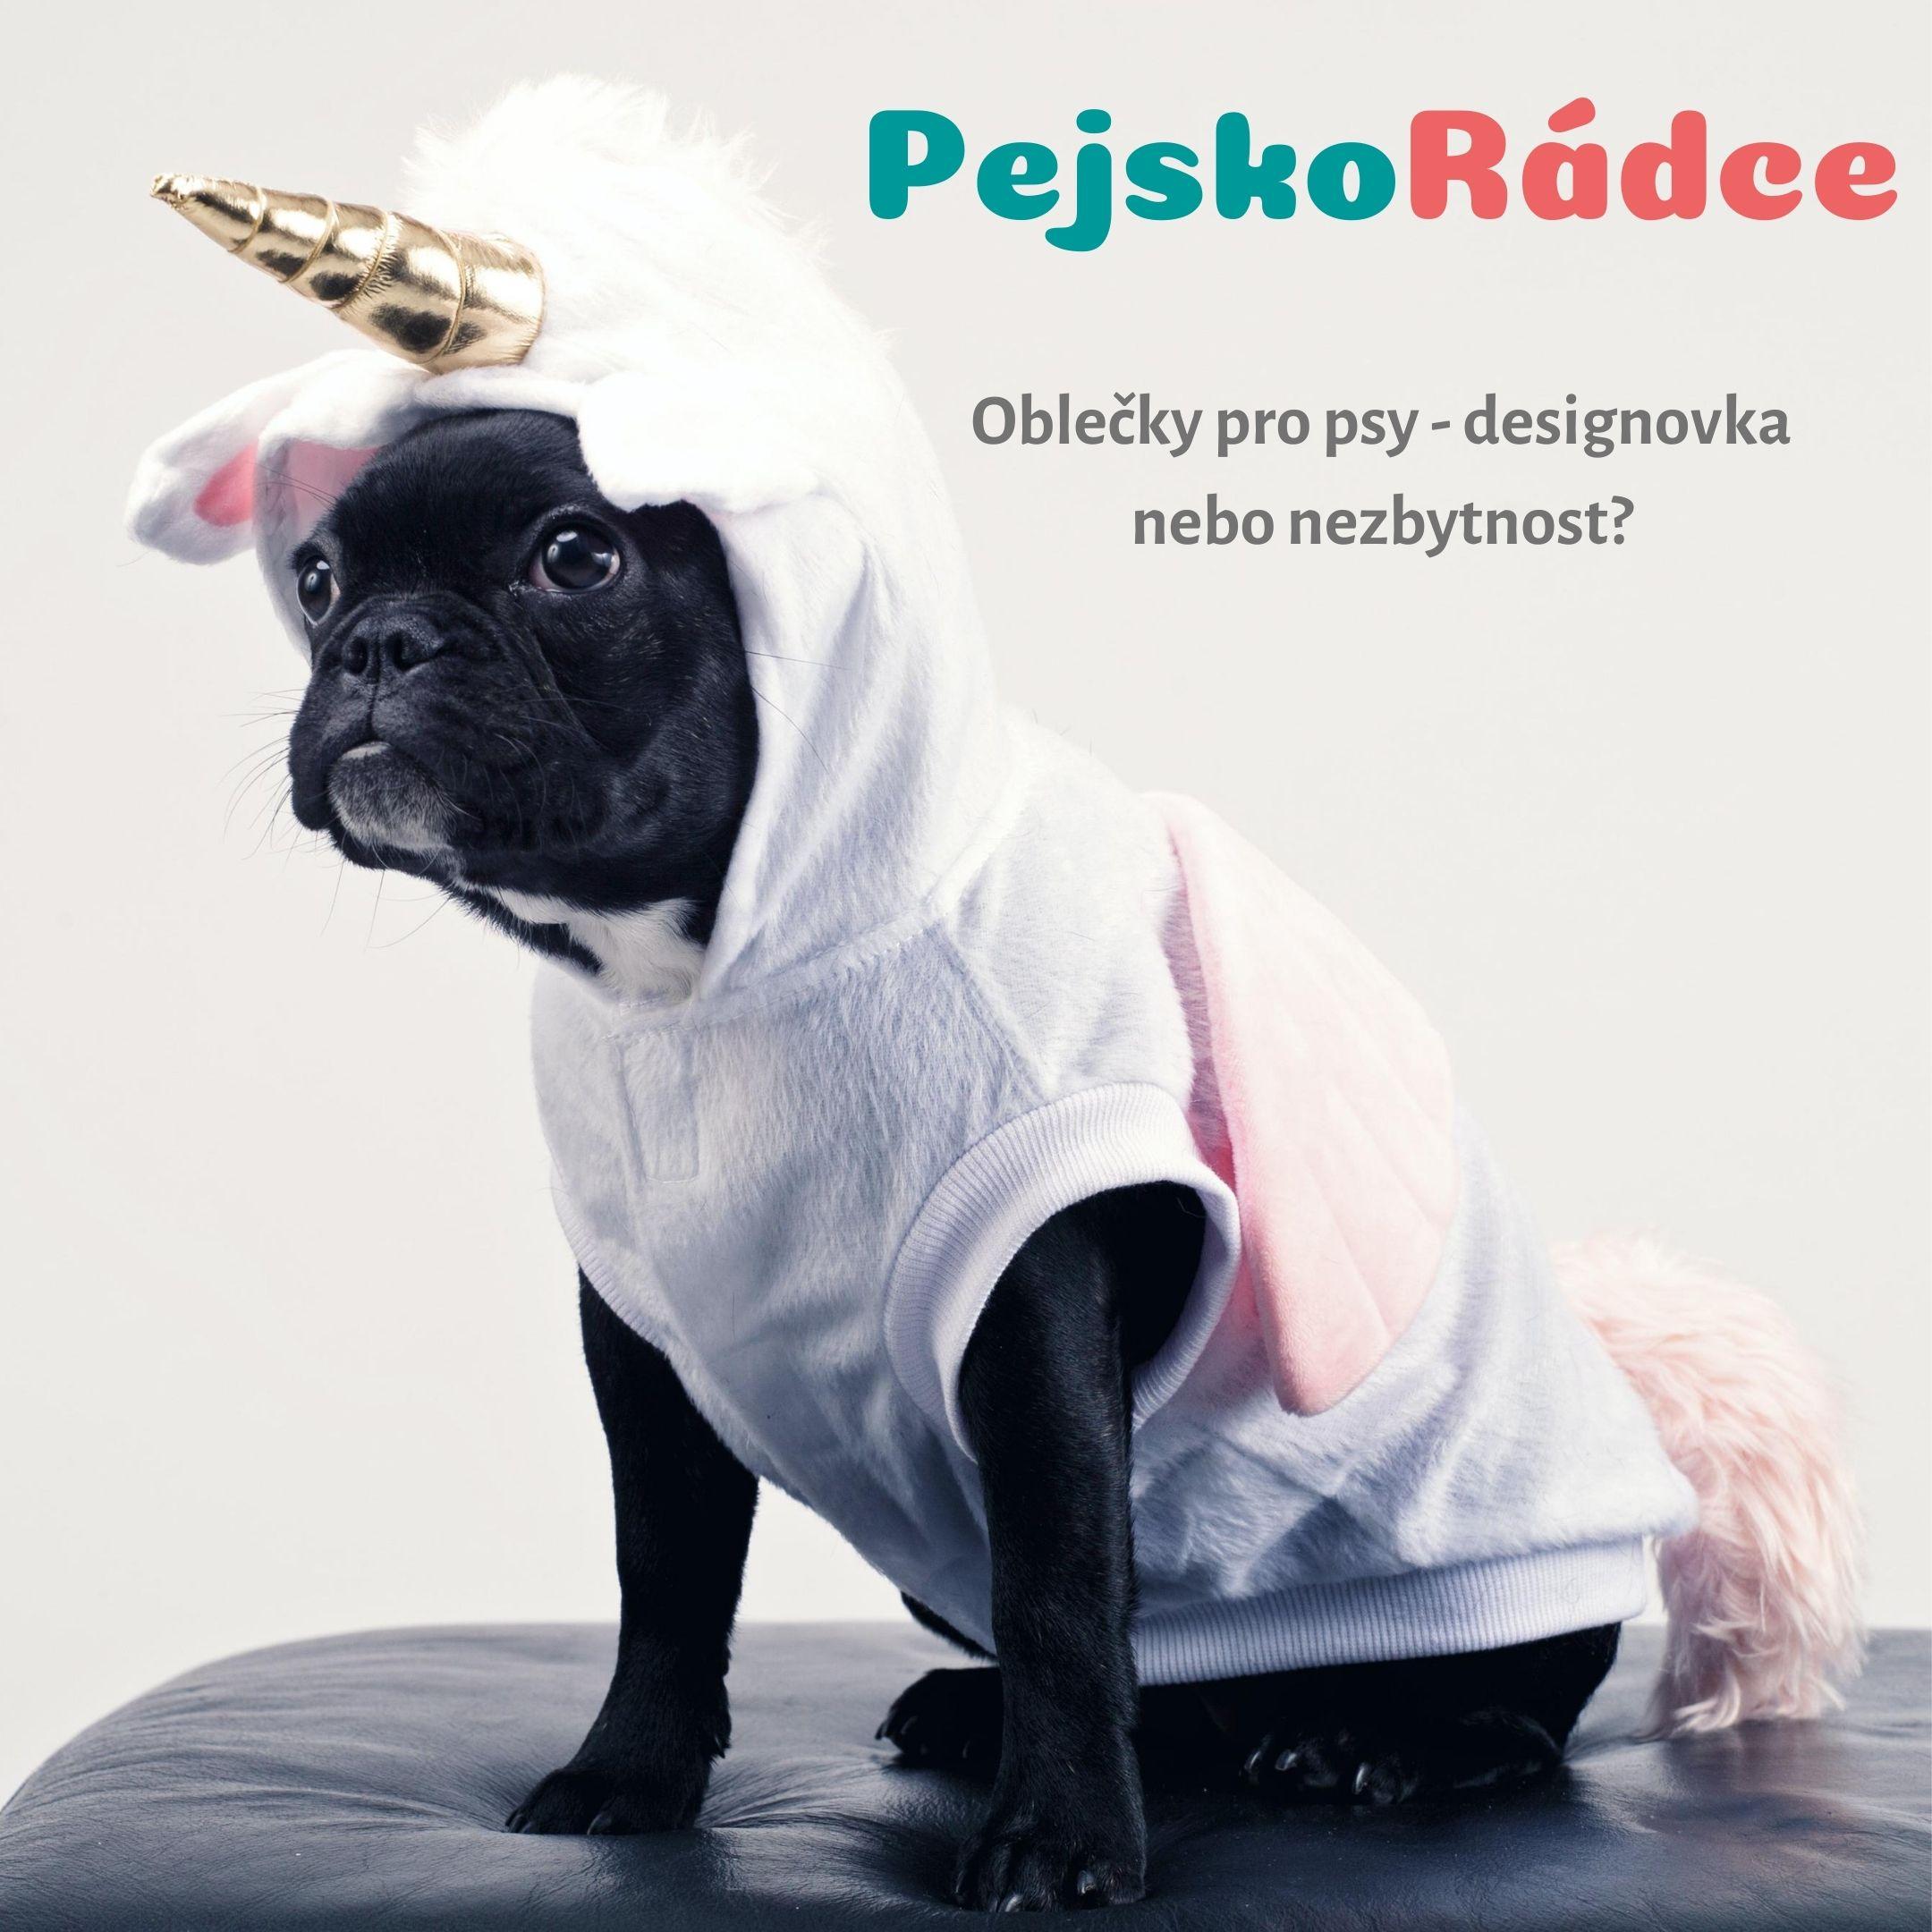 Oblečky pro psy - designovka nebo nezbytnost?